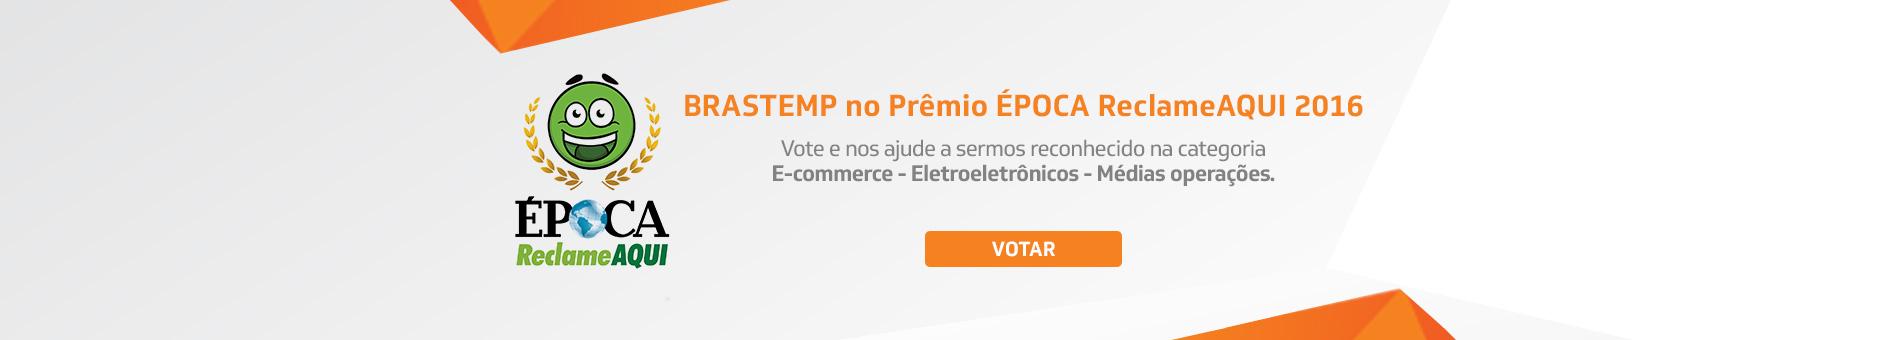 Promoção Interna - 761 - reclameaqui_reclameaqui_home6_22082016 - reclameaqui - 6